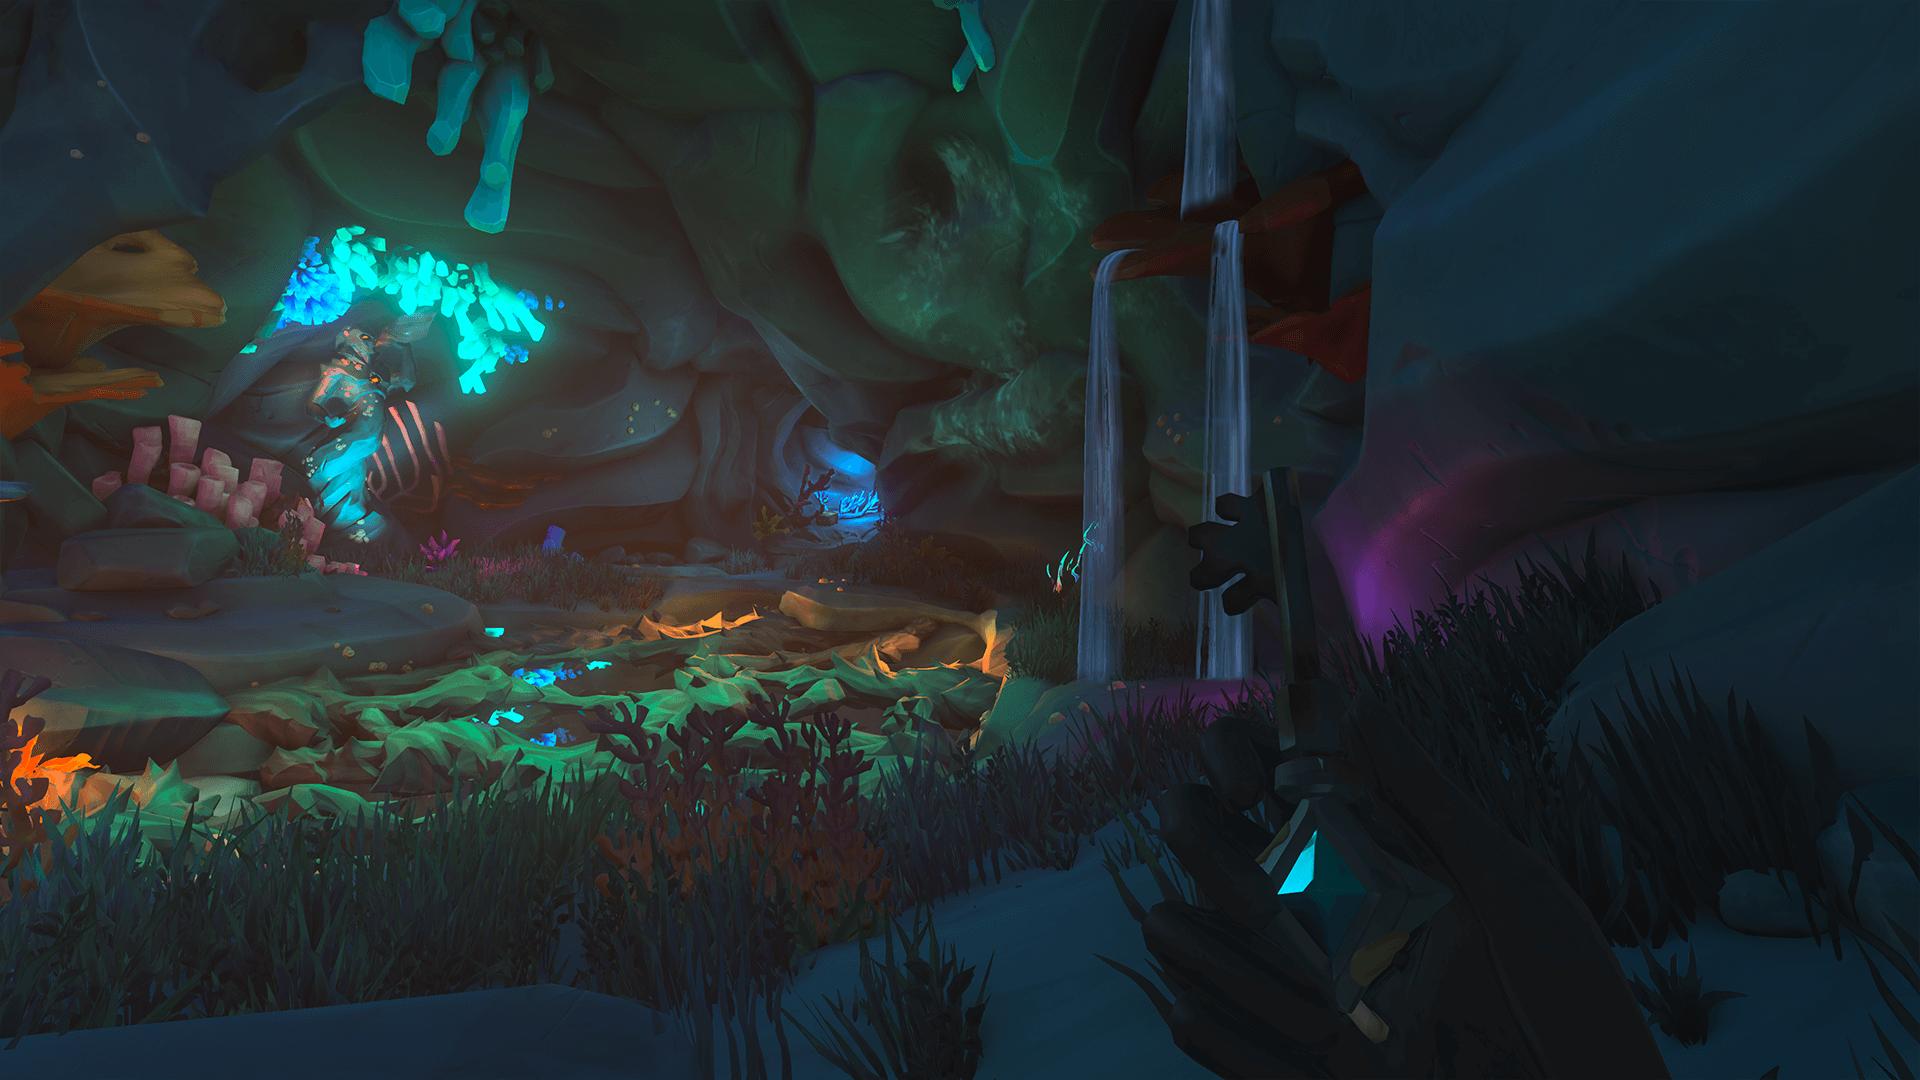 Citadel-Exiting Cavern 3